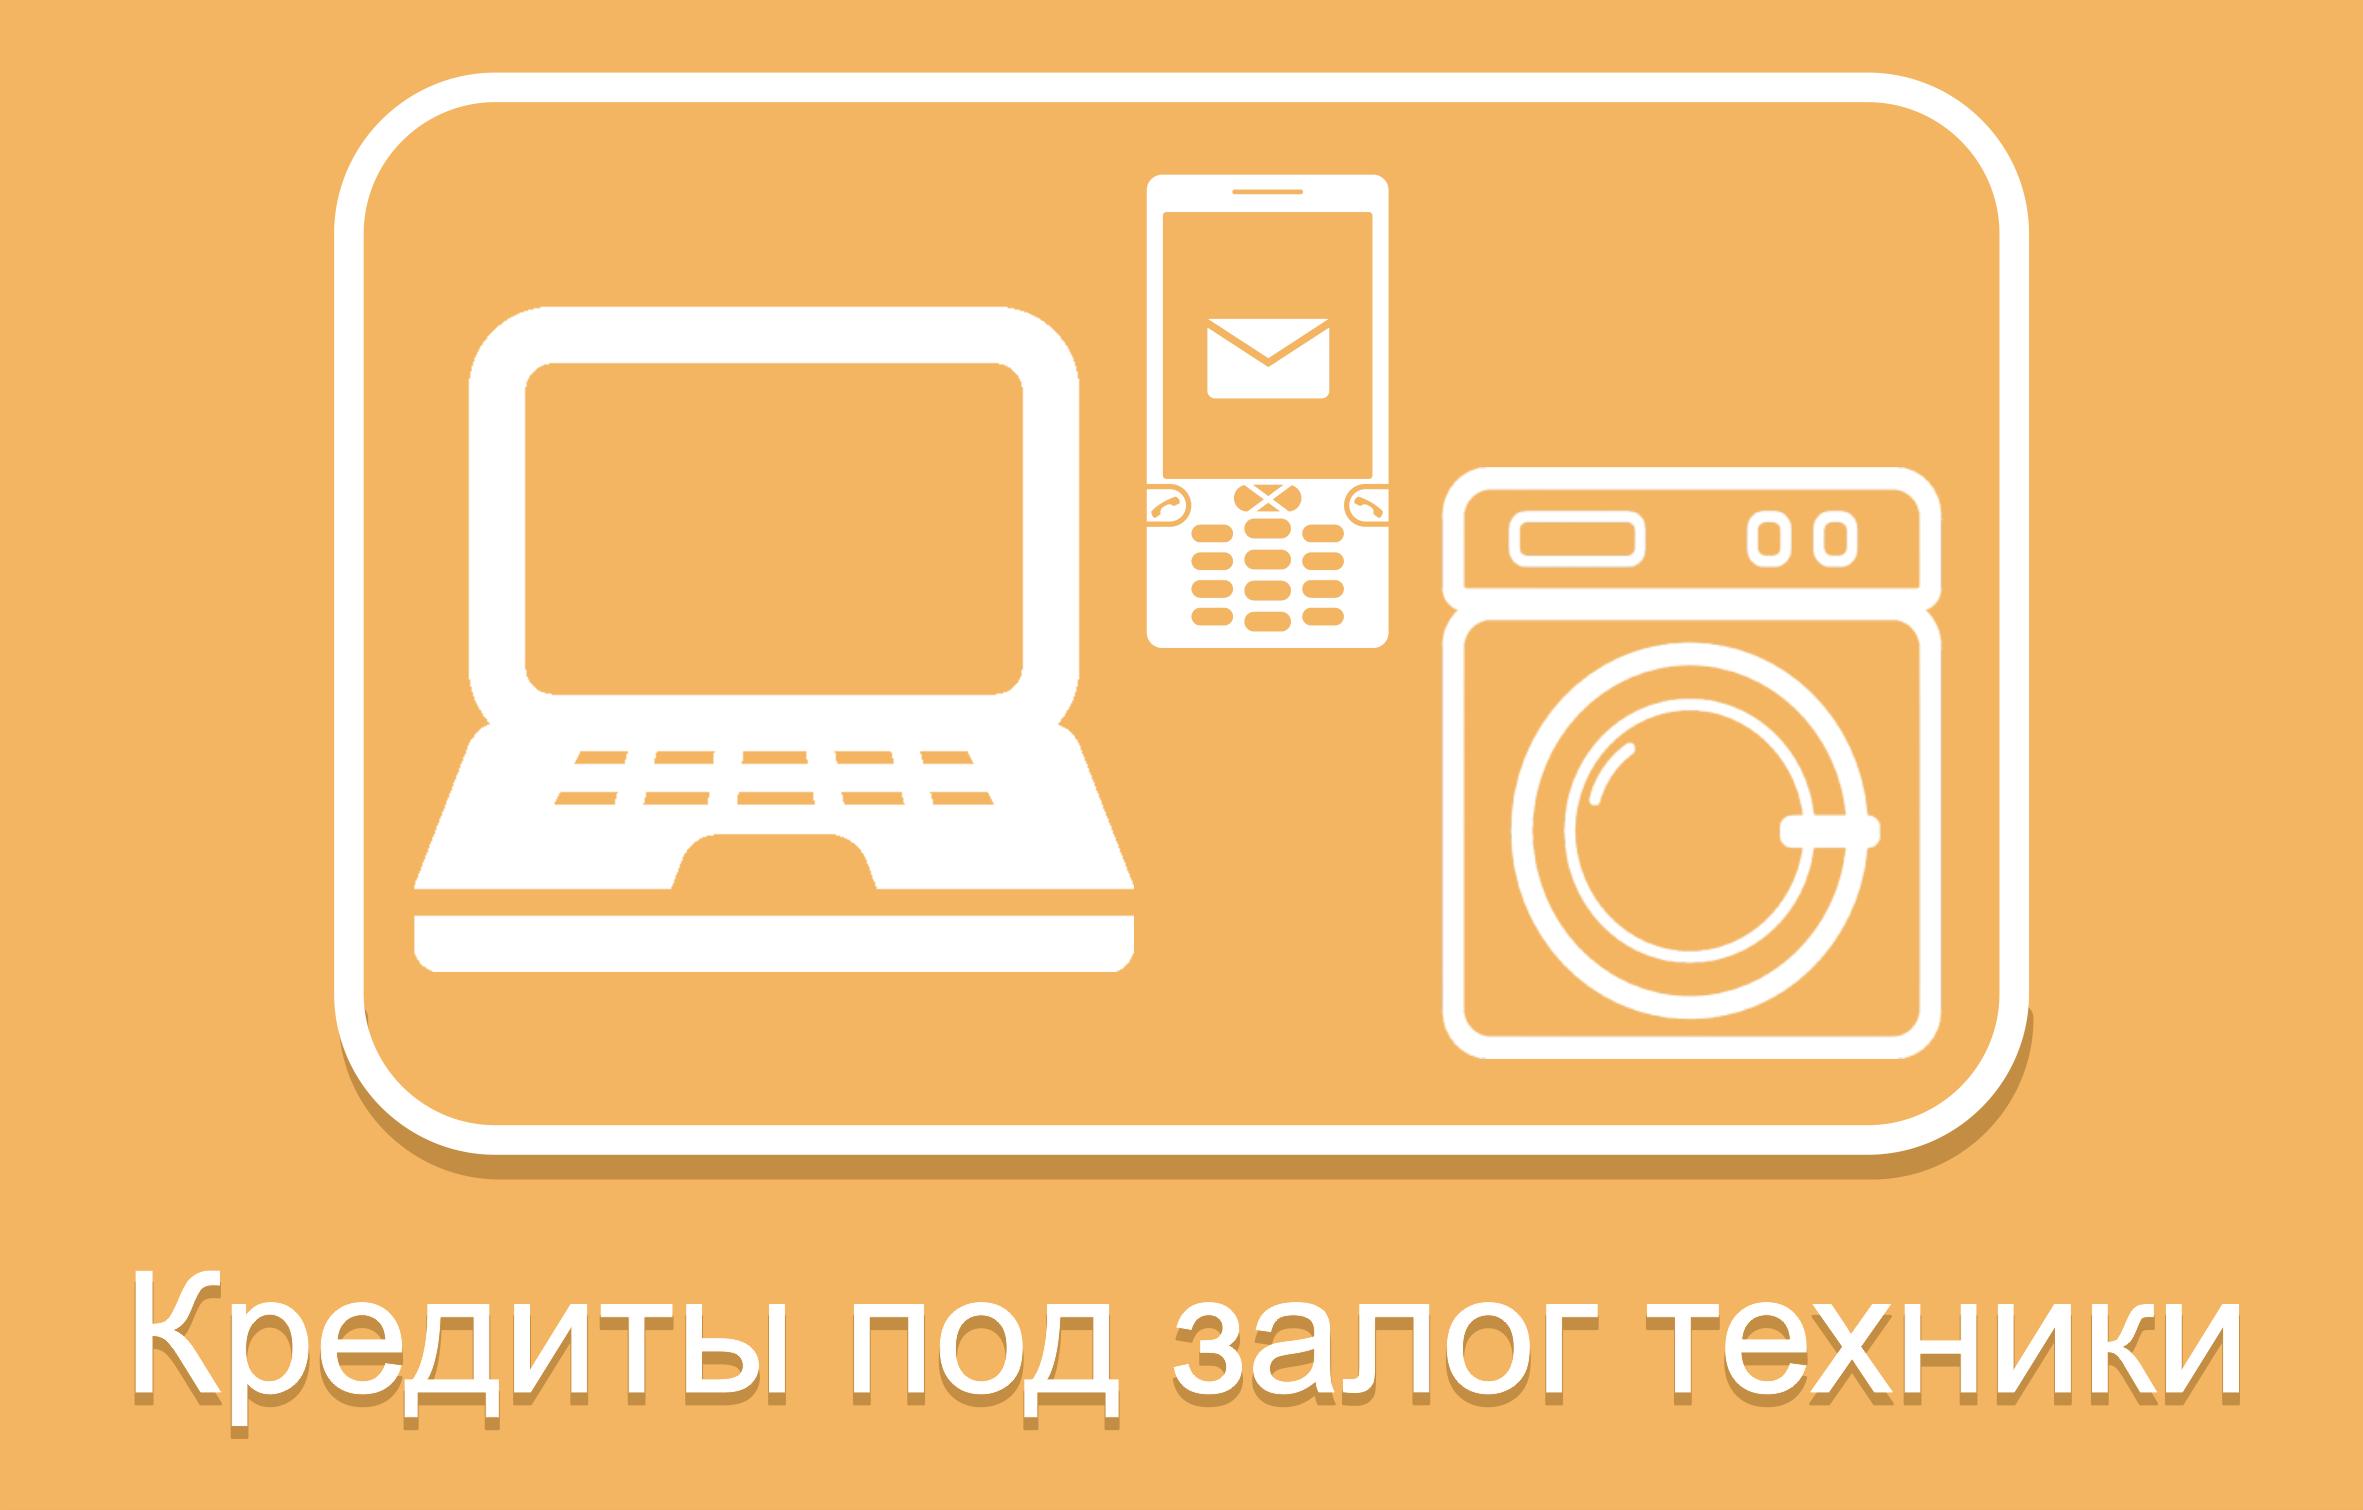 Взять онлайн кредит на технику кредит на карту приват банк онлайн